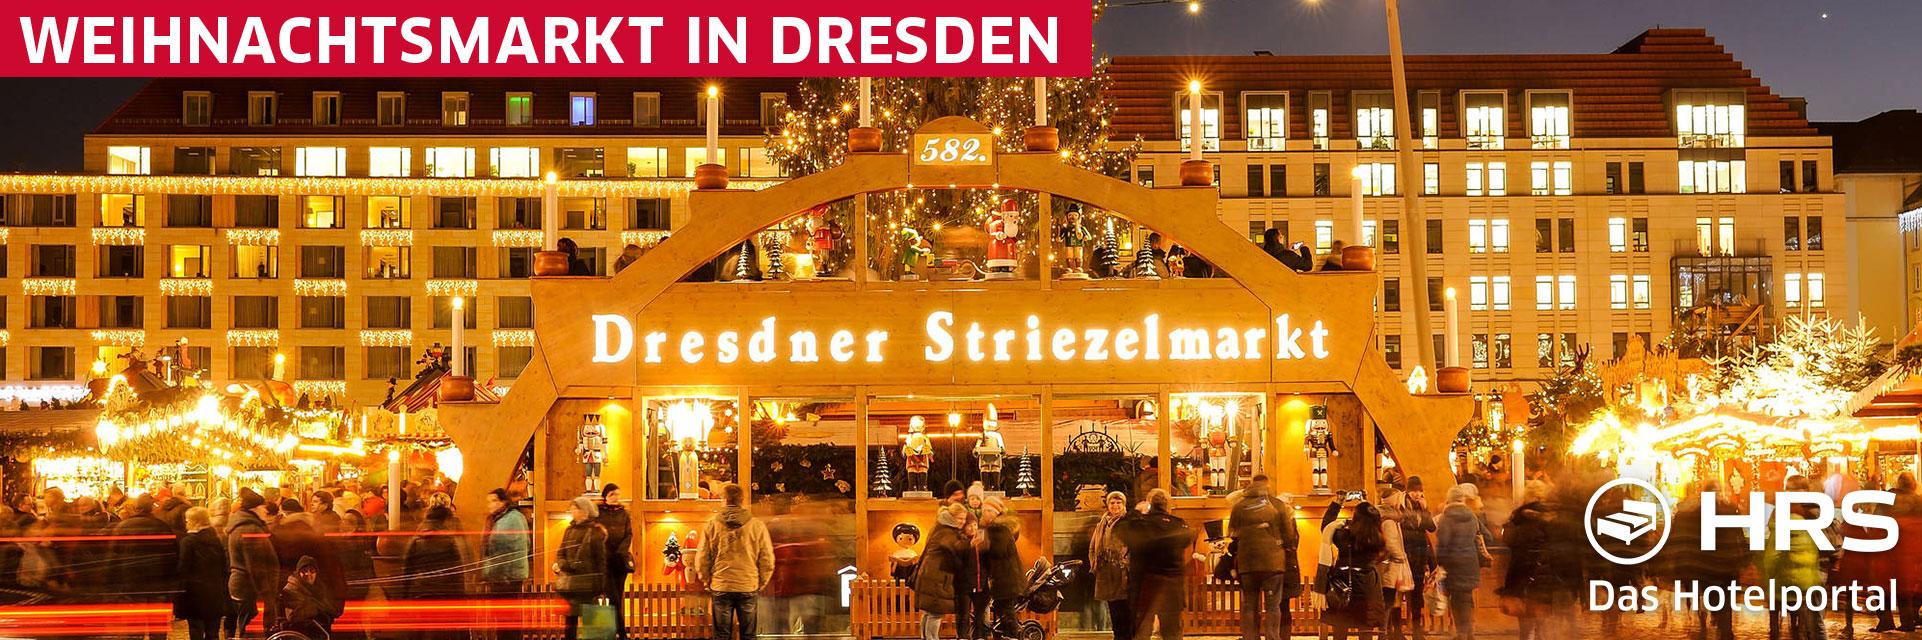 Informationen zu Weihnachtsmärkten in Dresden - Präsentiert von HRS